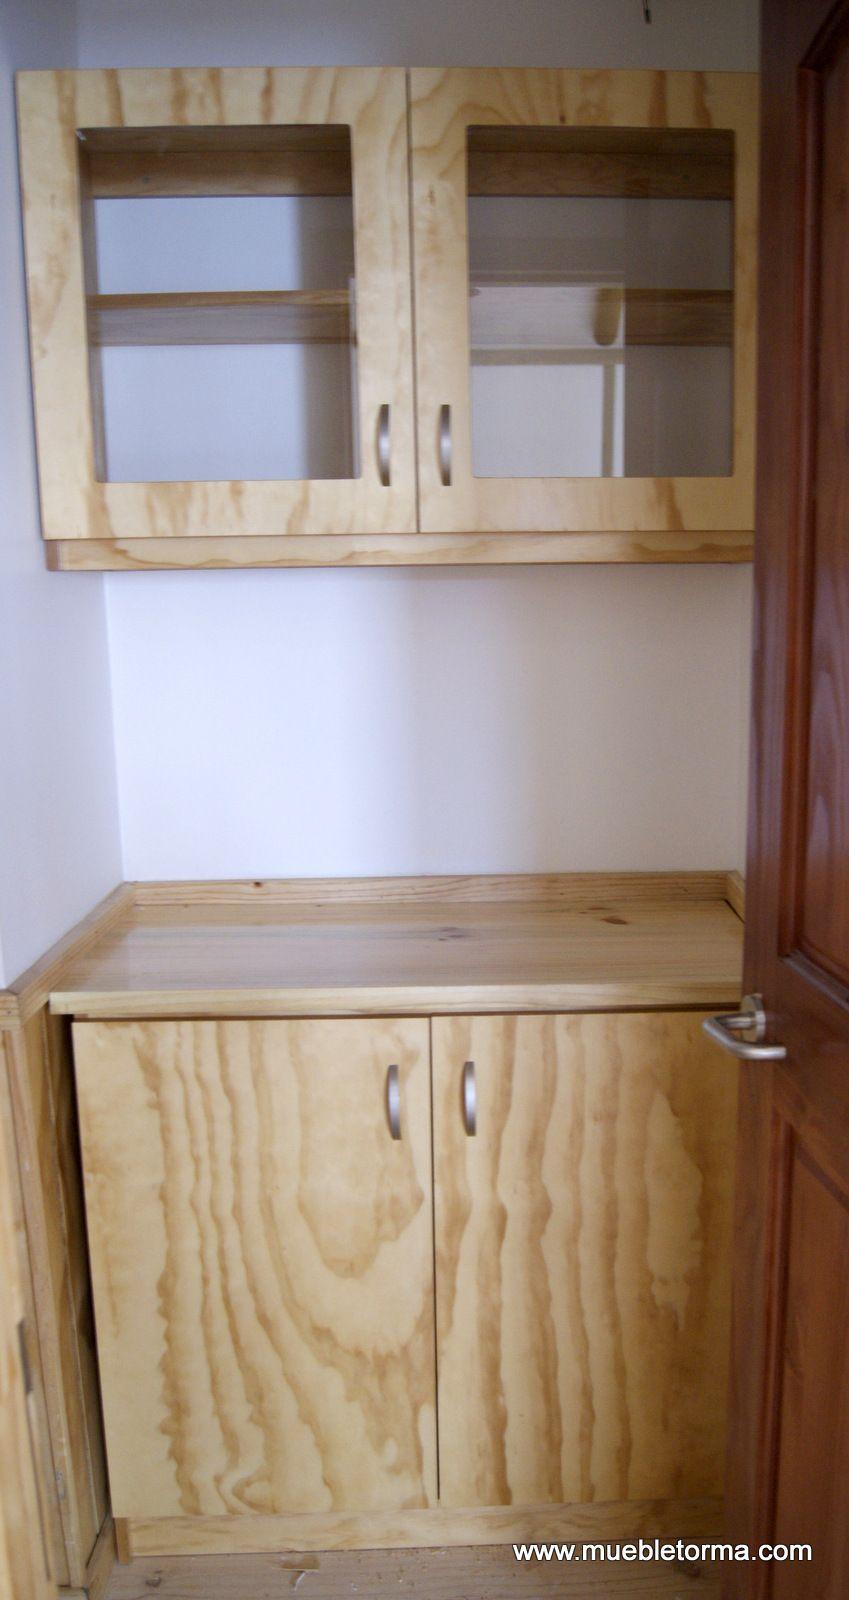 Muebletorma : Muebles de Terciado Estructural | furniture ...